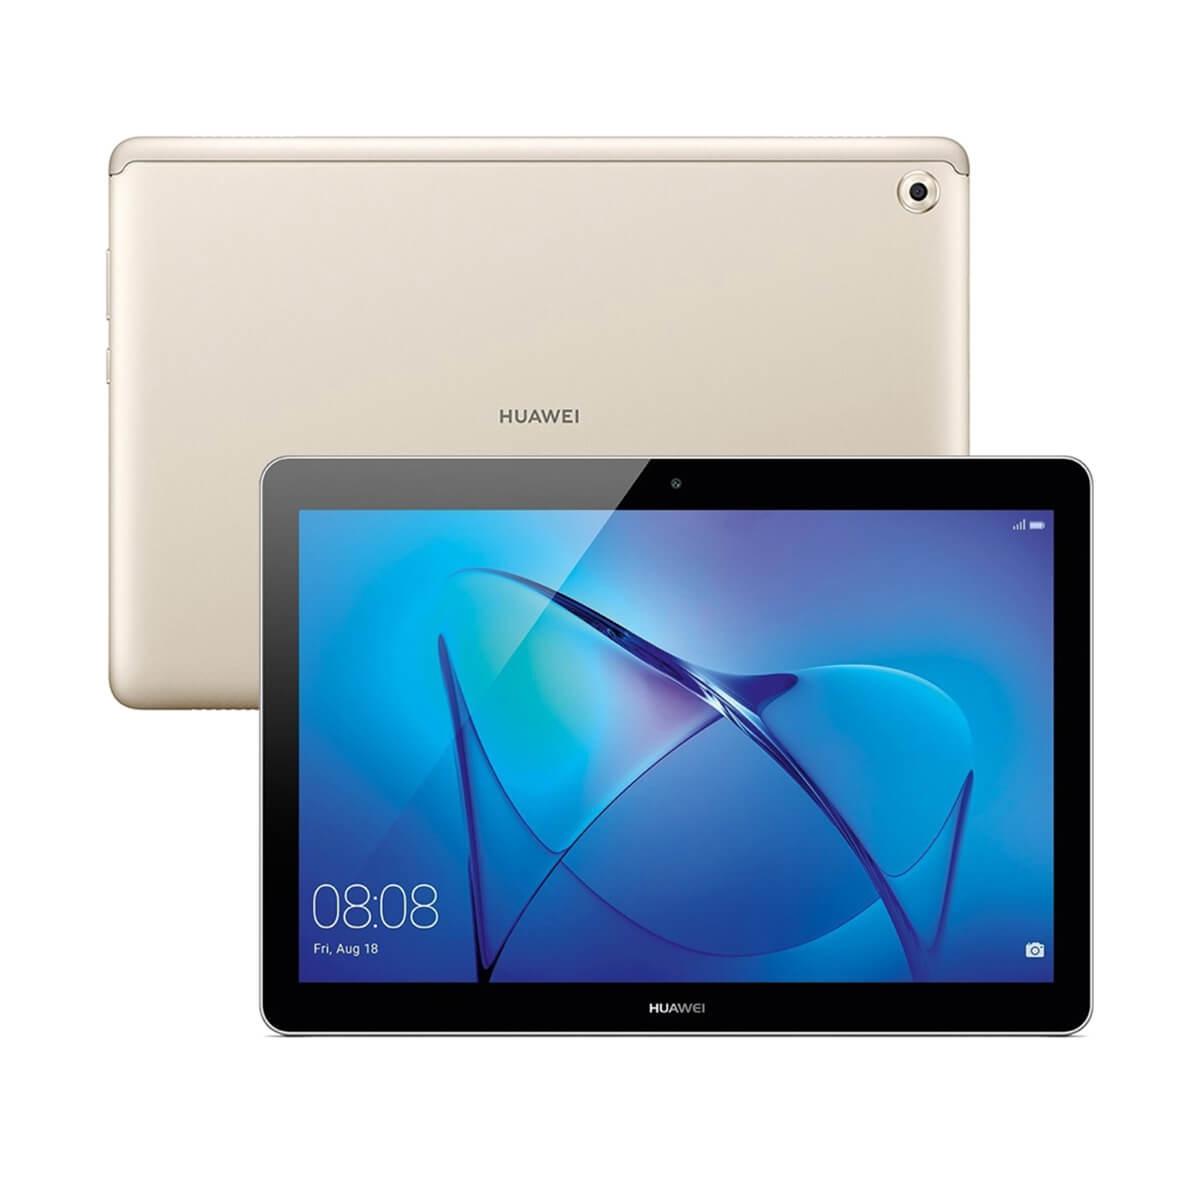 【傑昇通信】HUAWEI平板 MediaPad M5 Lite wifi (3G/32G)。空機破盤價